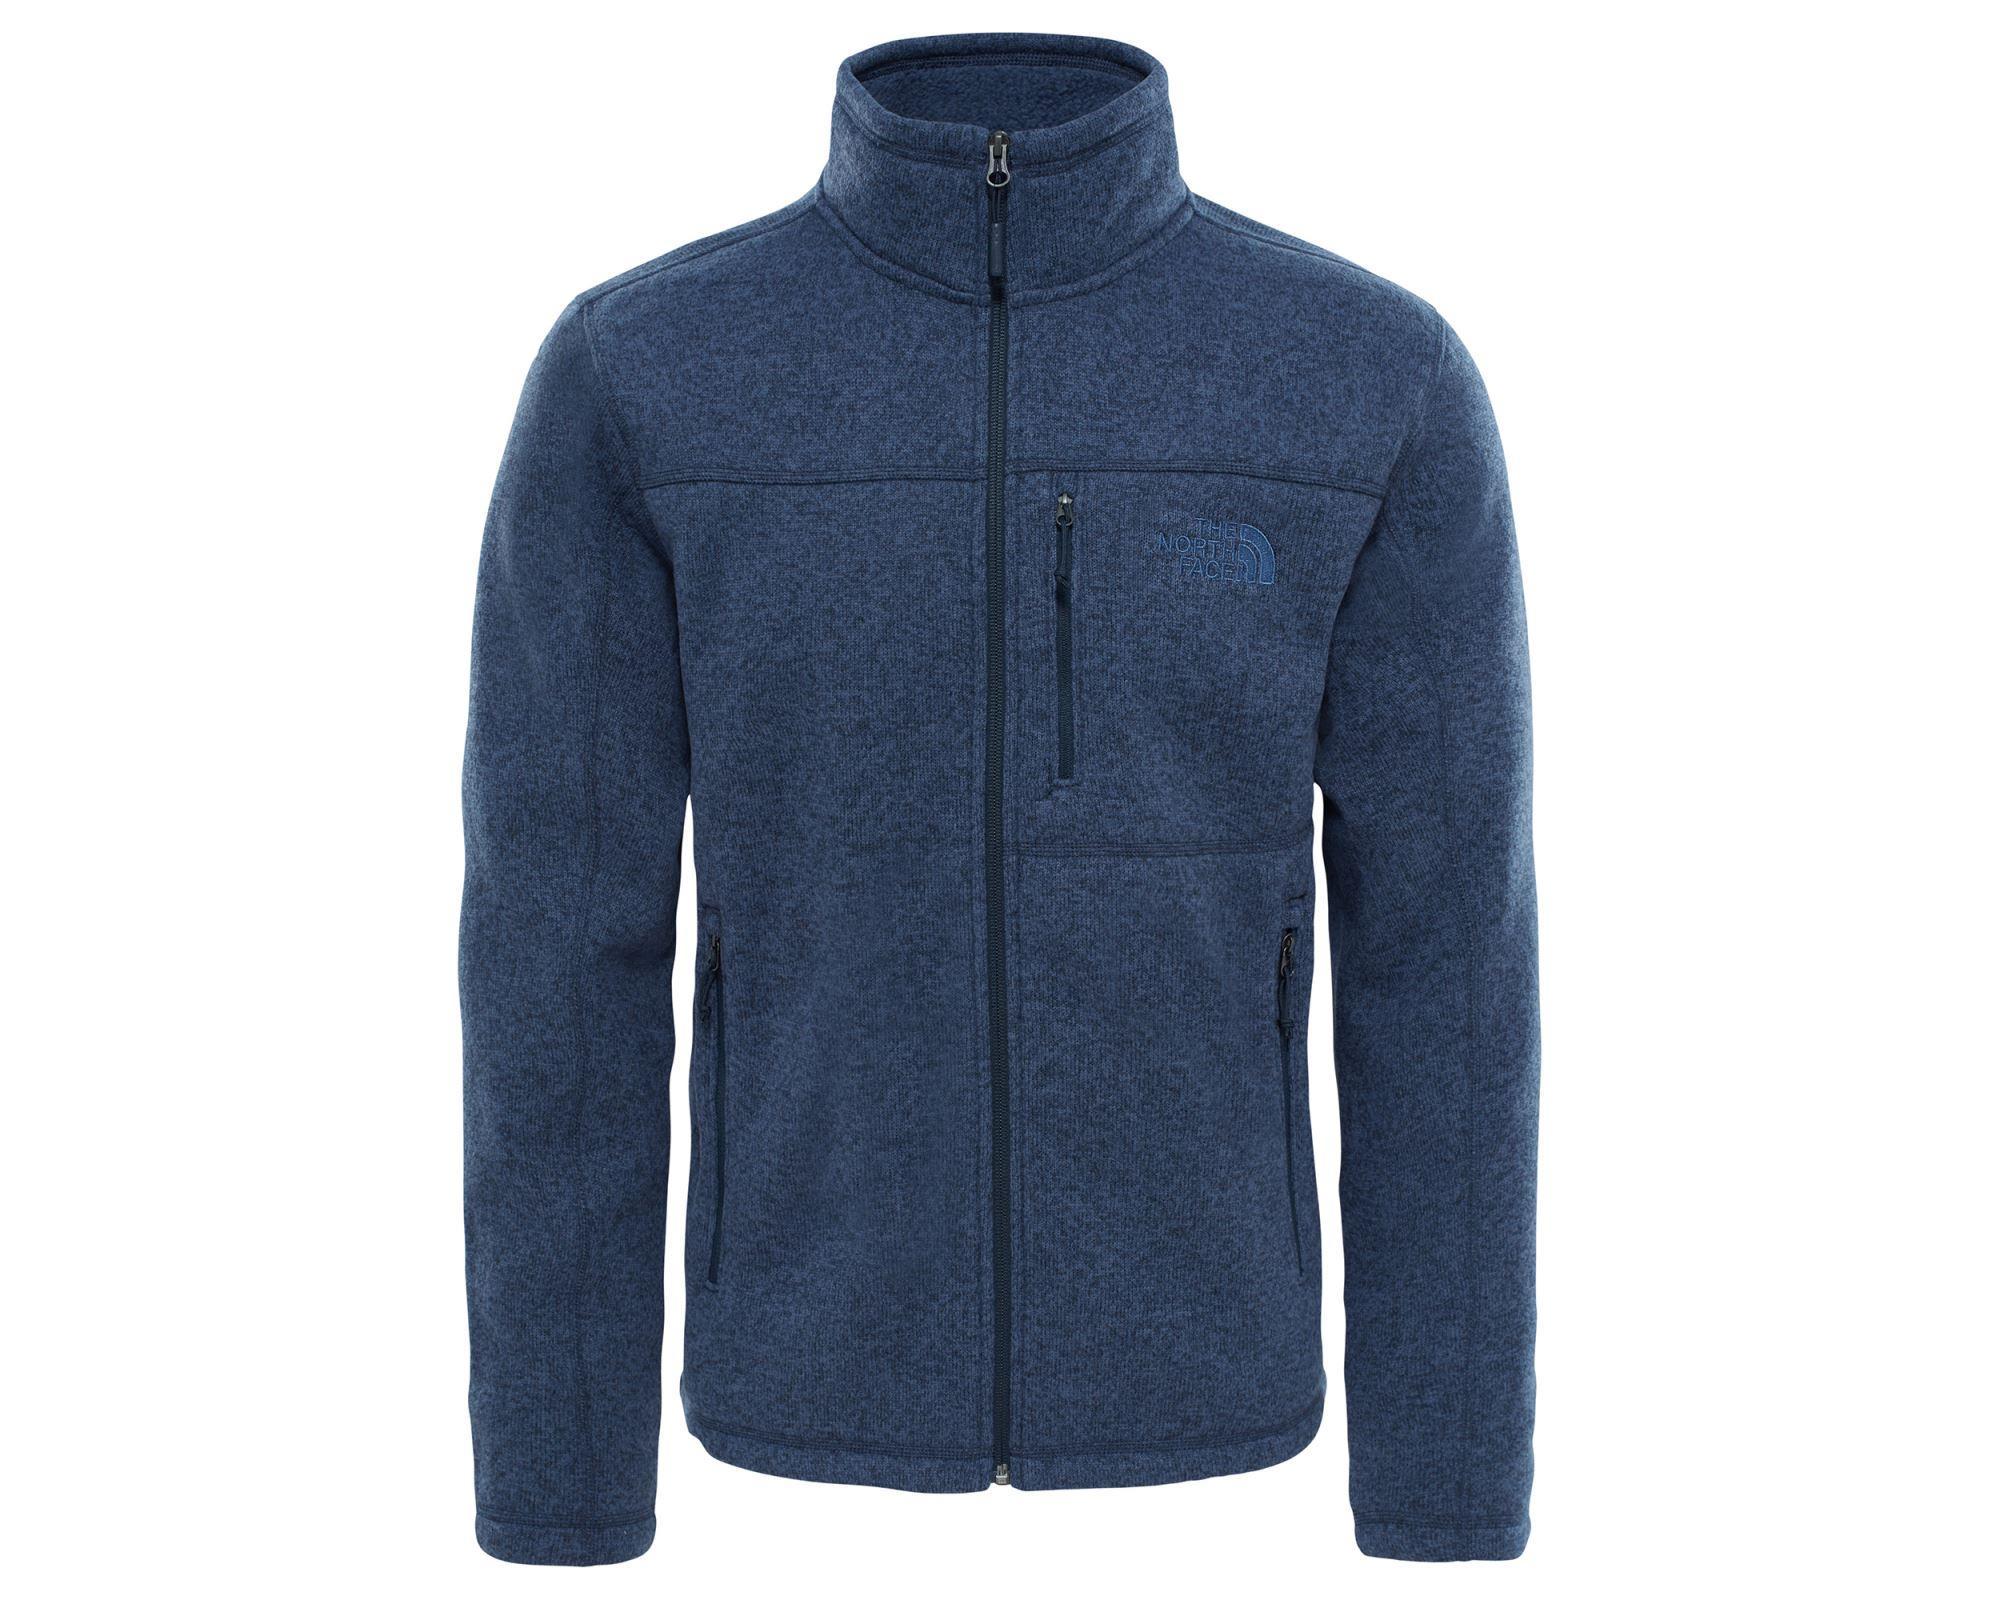 The North Face Gordon Lyons Full Zip Erkek Sweater T933R5Avm